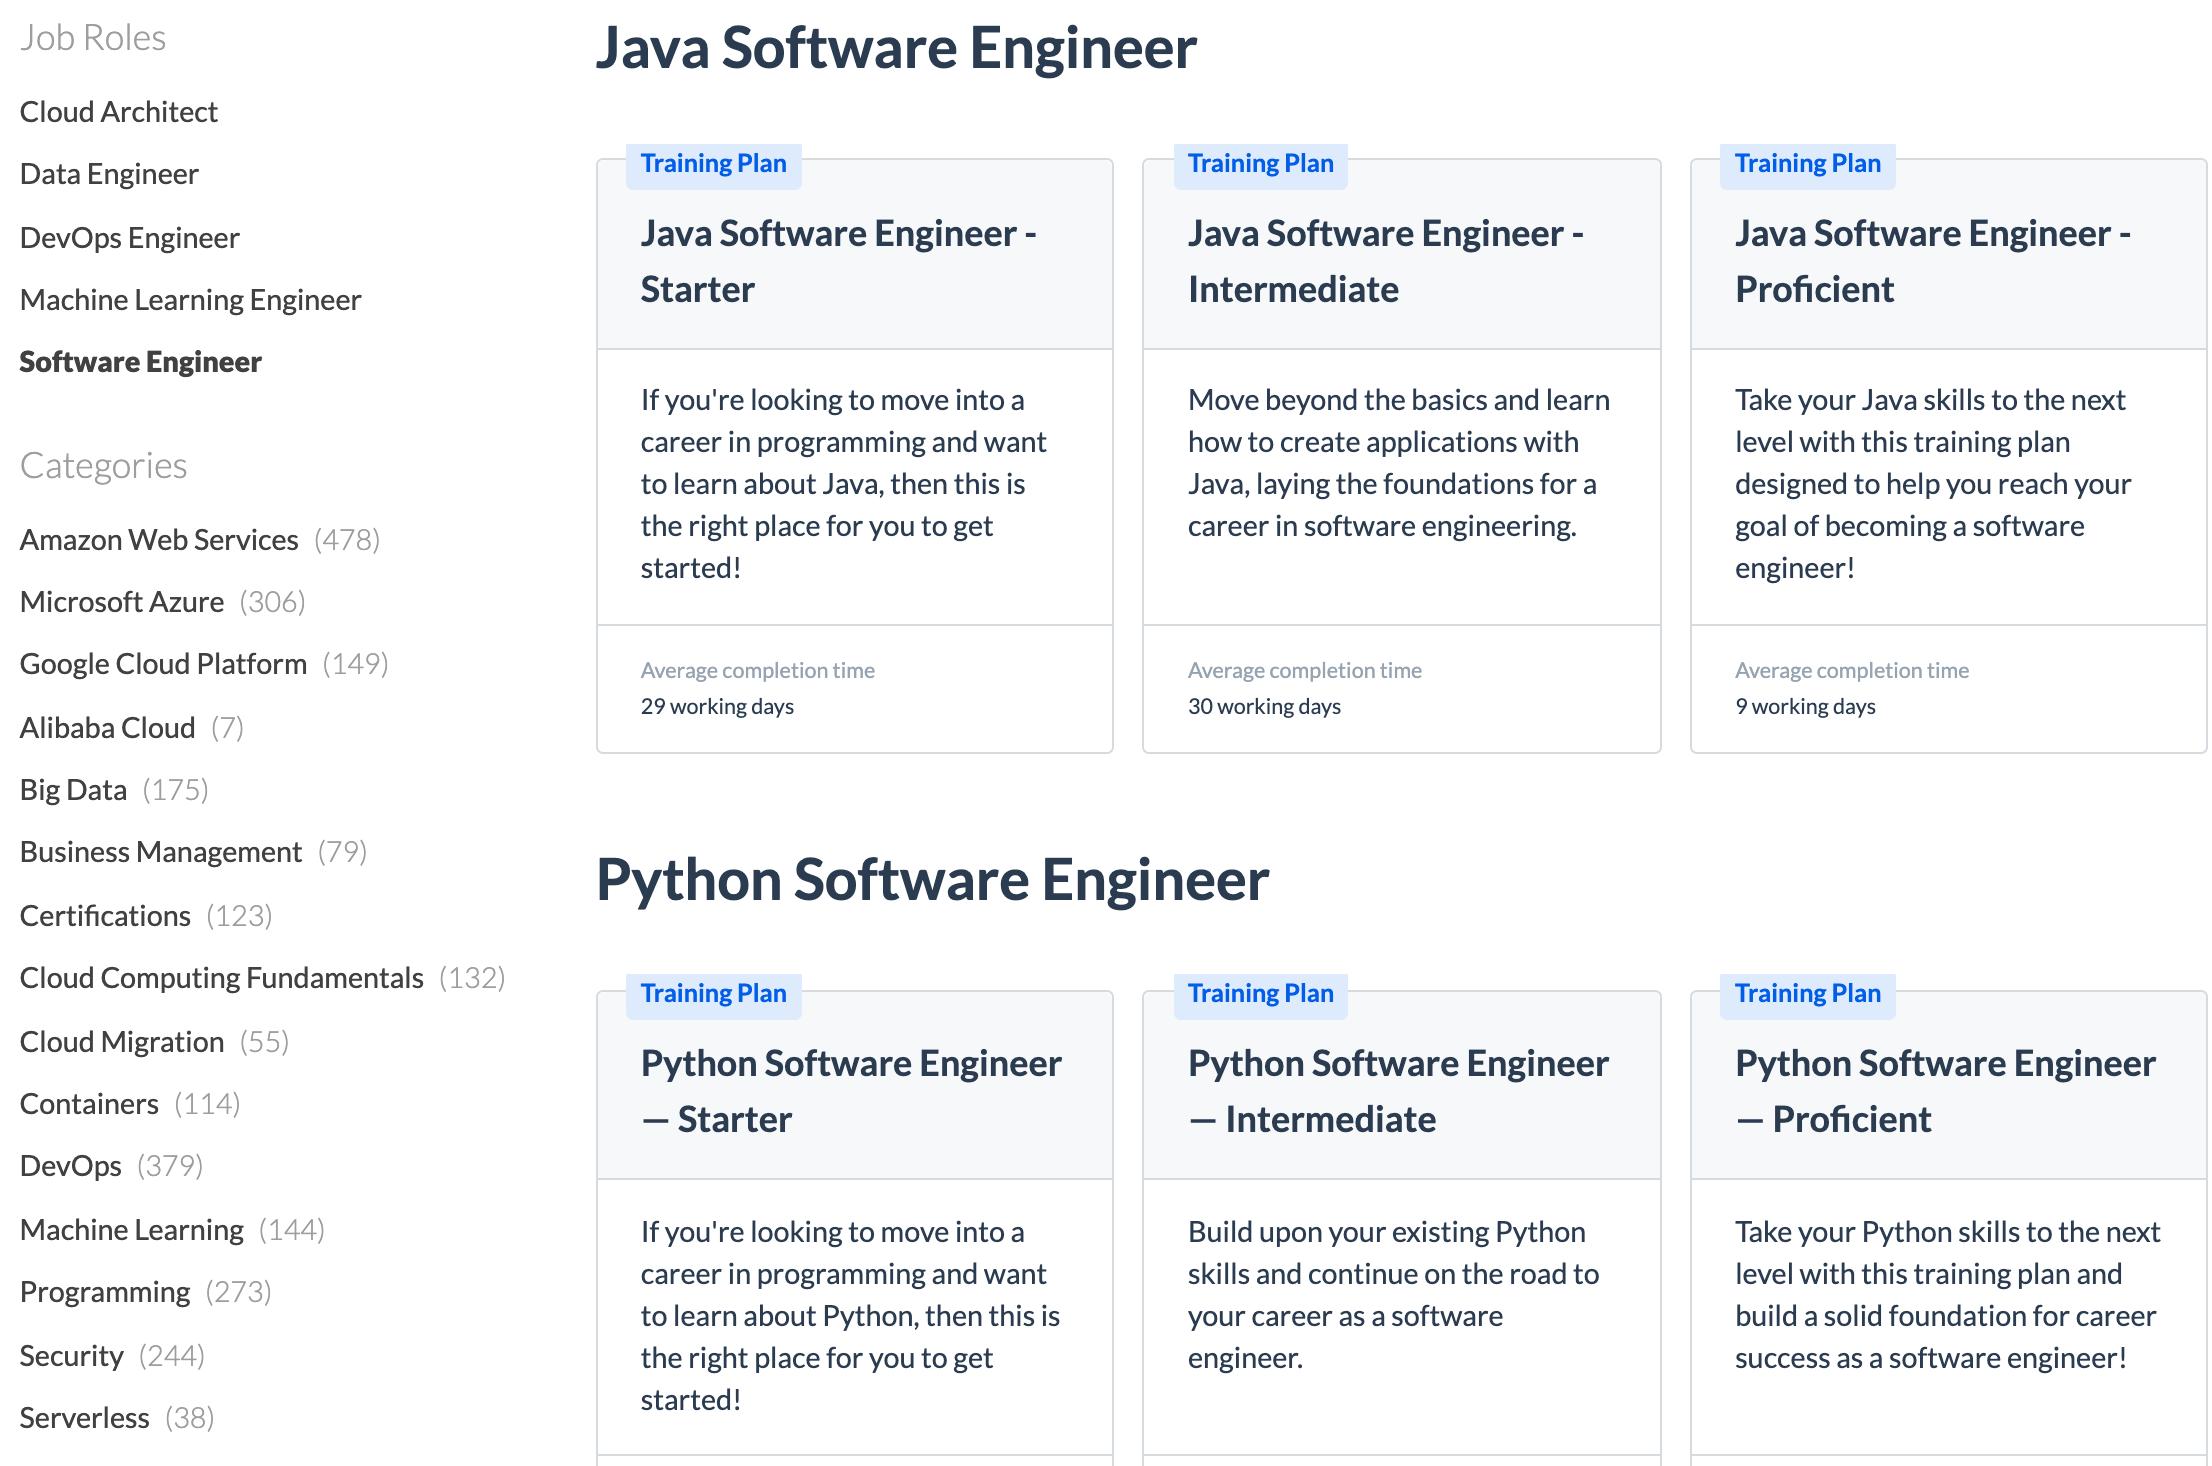 Software Engineer Job Roles